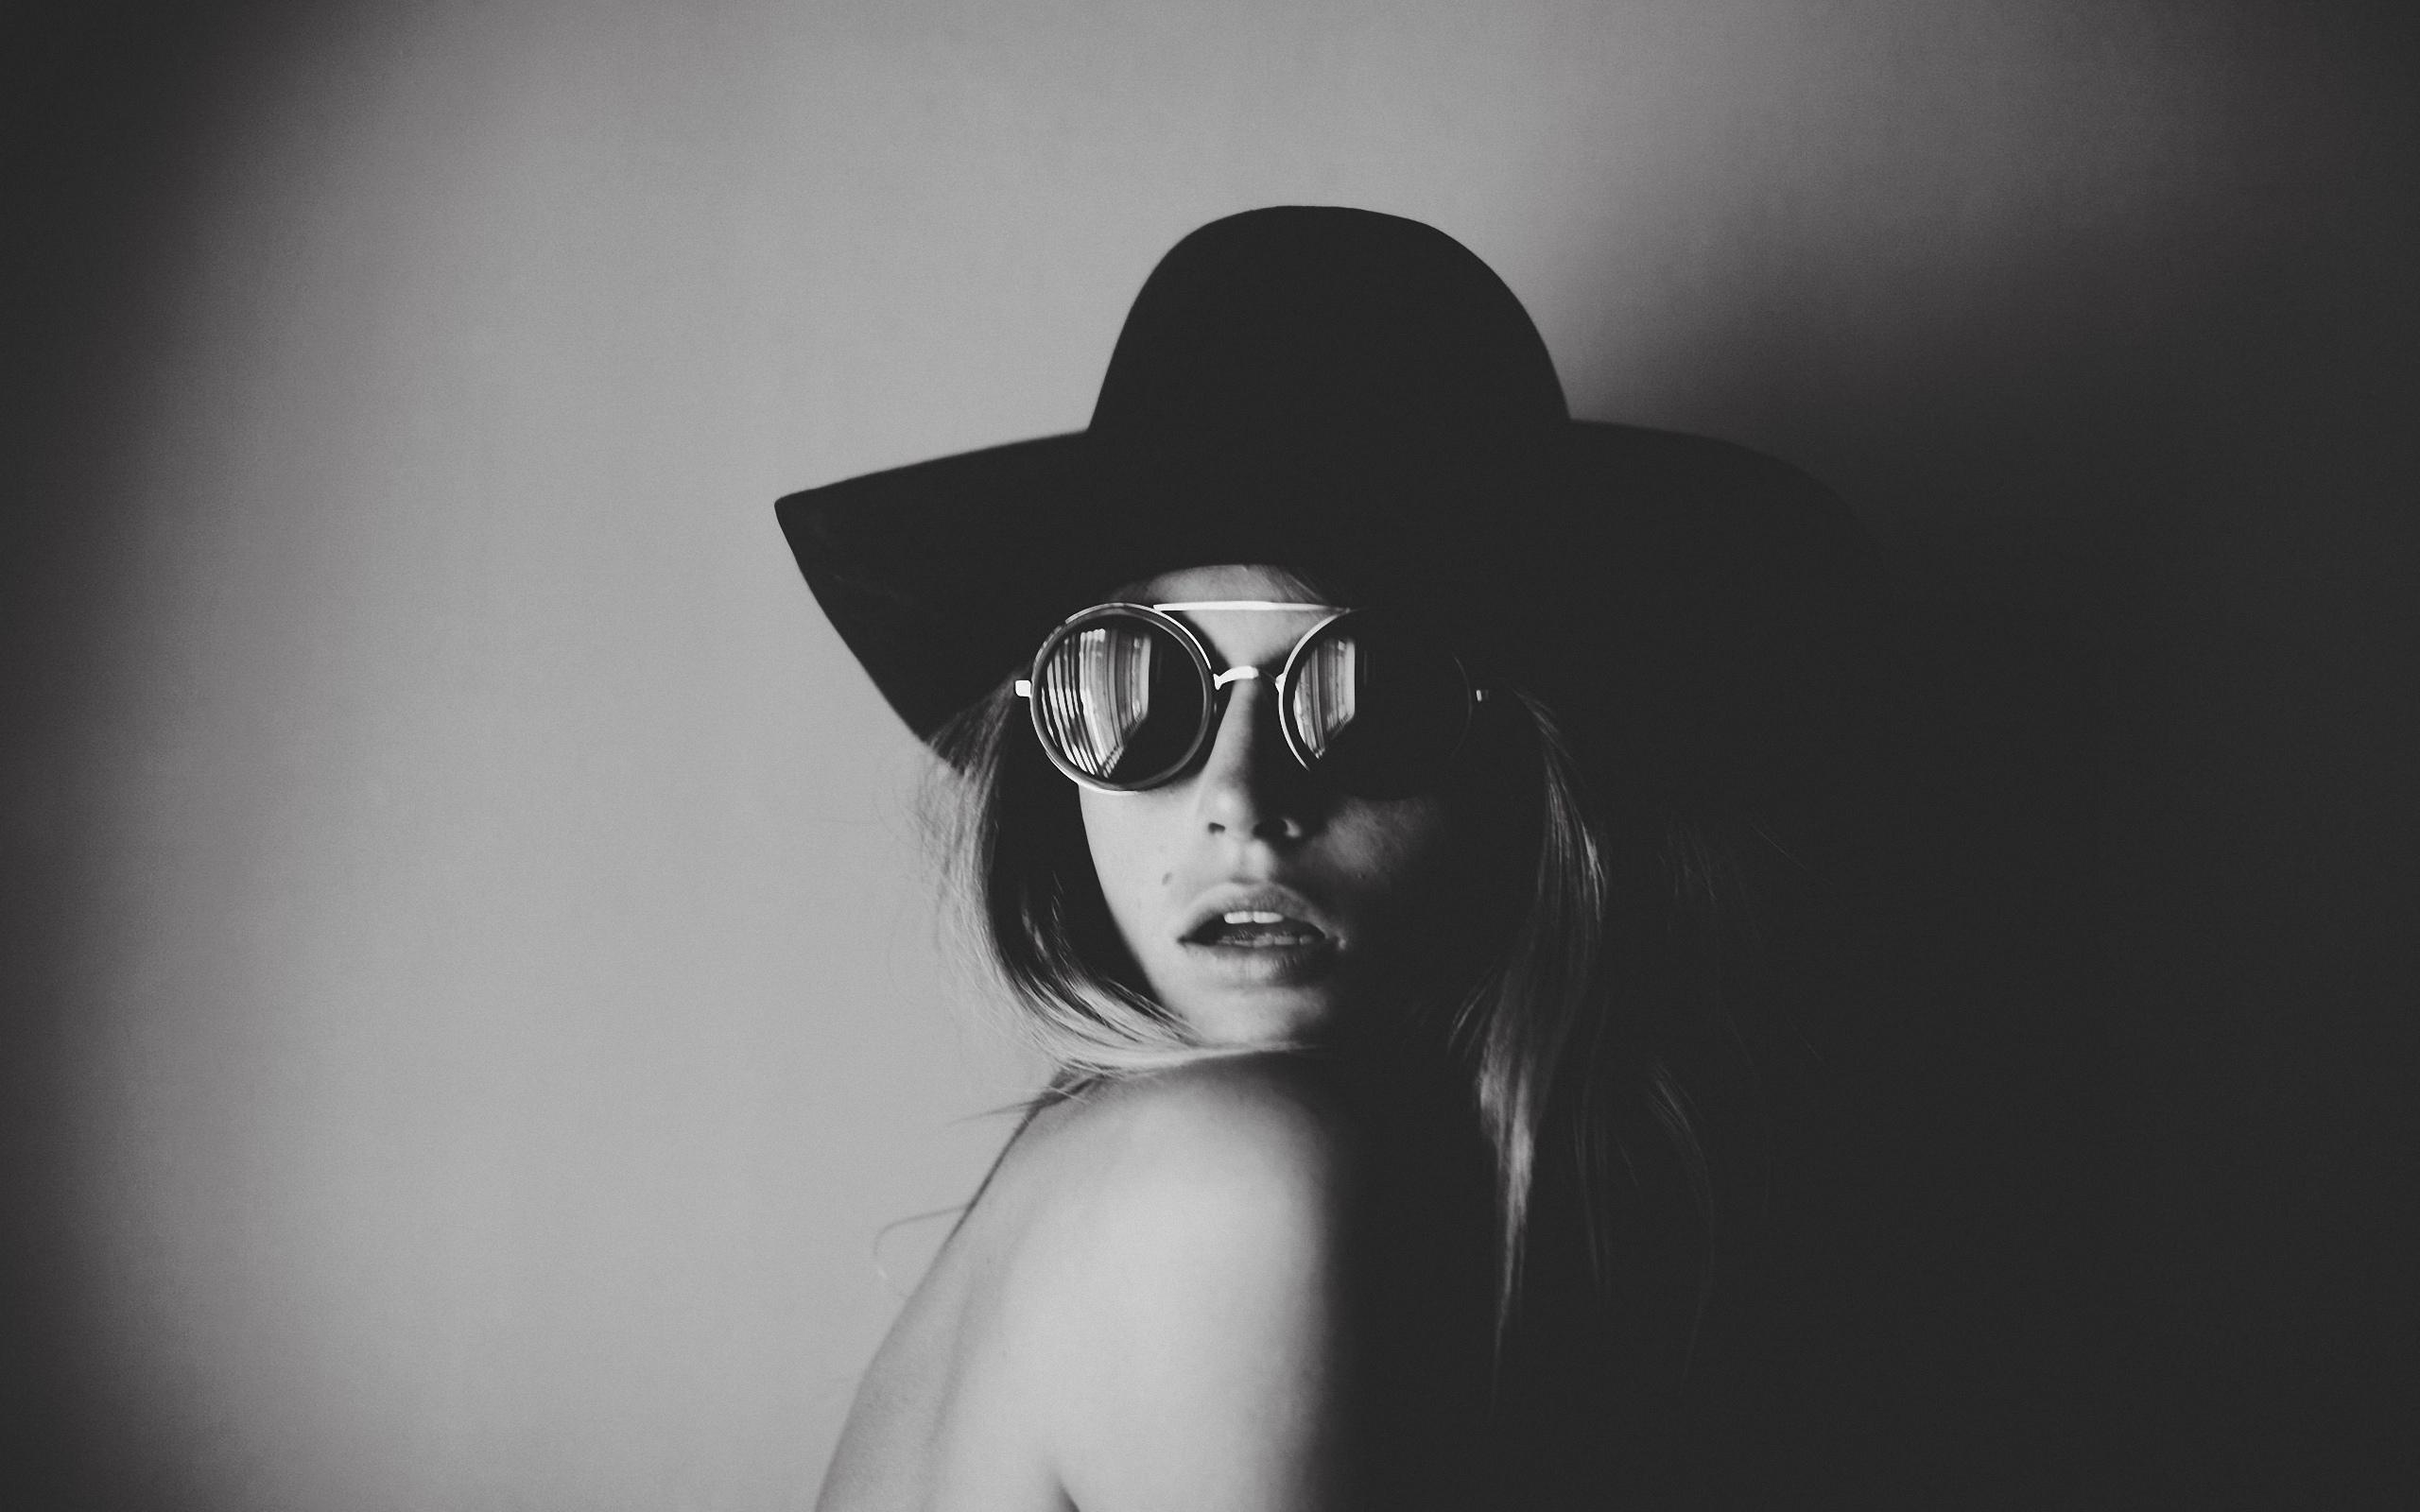 девушка, взгляд, портрет, шляпа, очки, чб фото